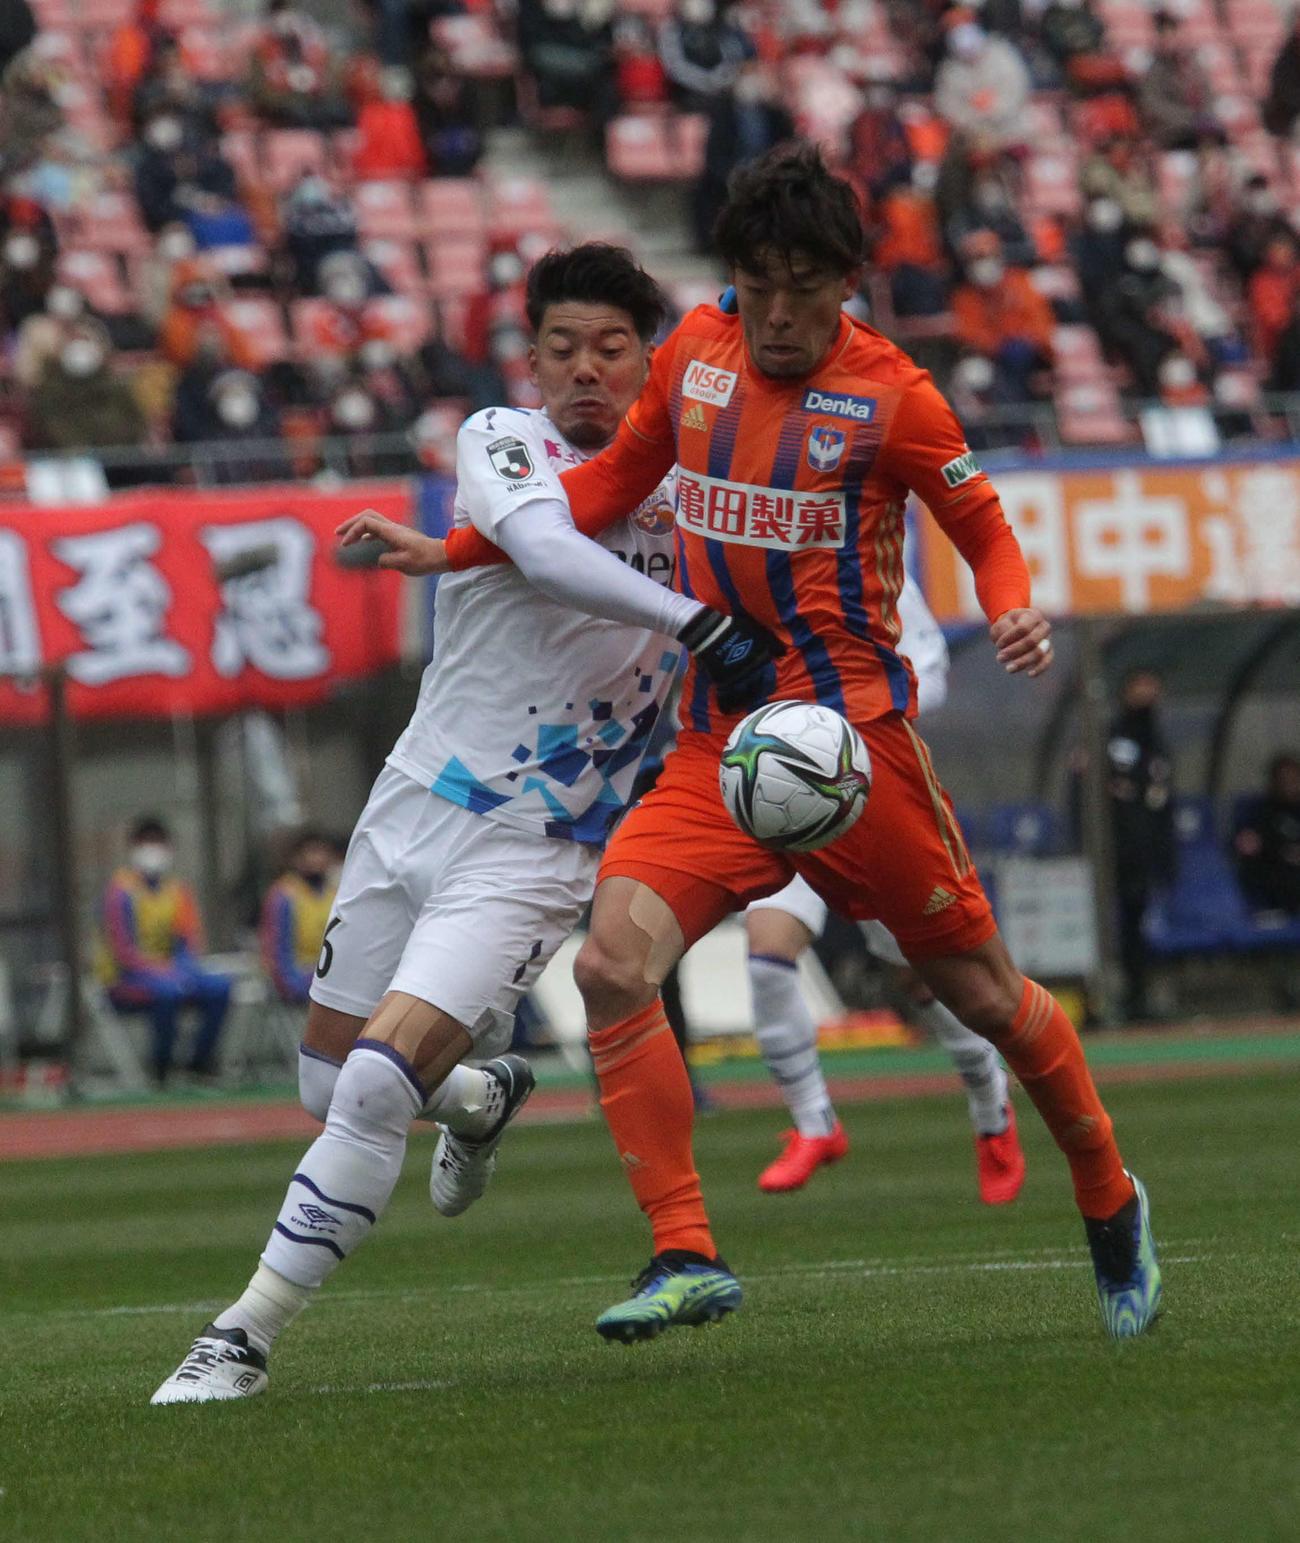 新潟対長崎 前半24分、胸トラップで前を向いたFW鈴木(右)は相手DFにシュートを阻まれる